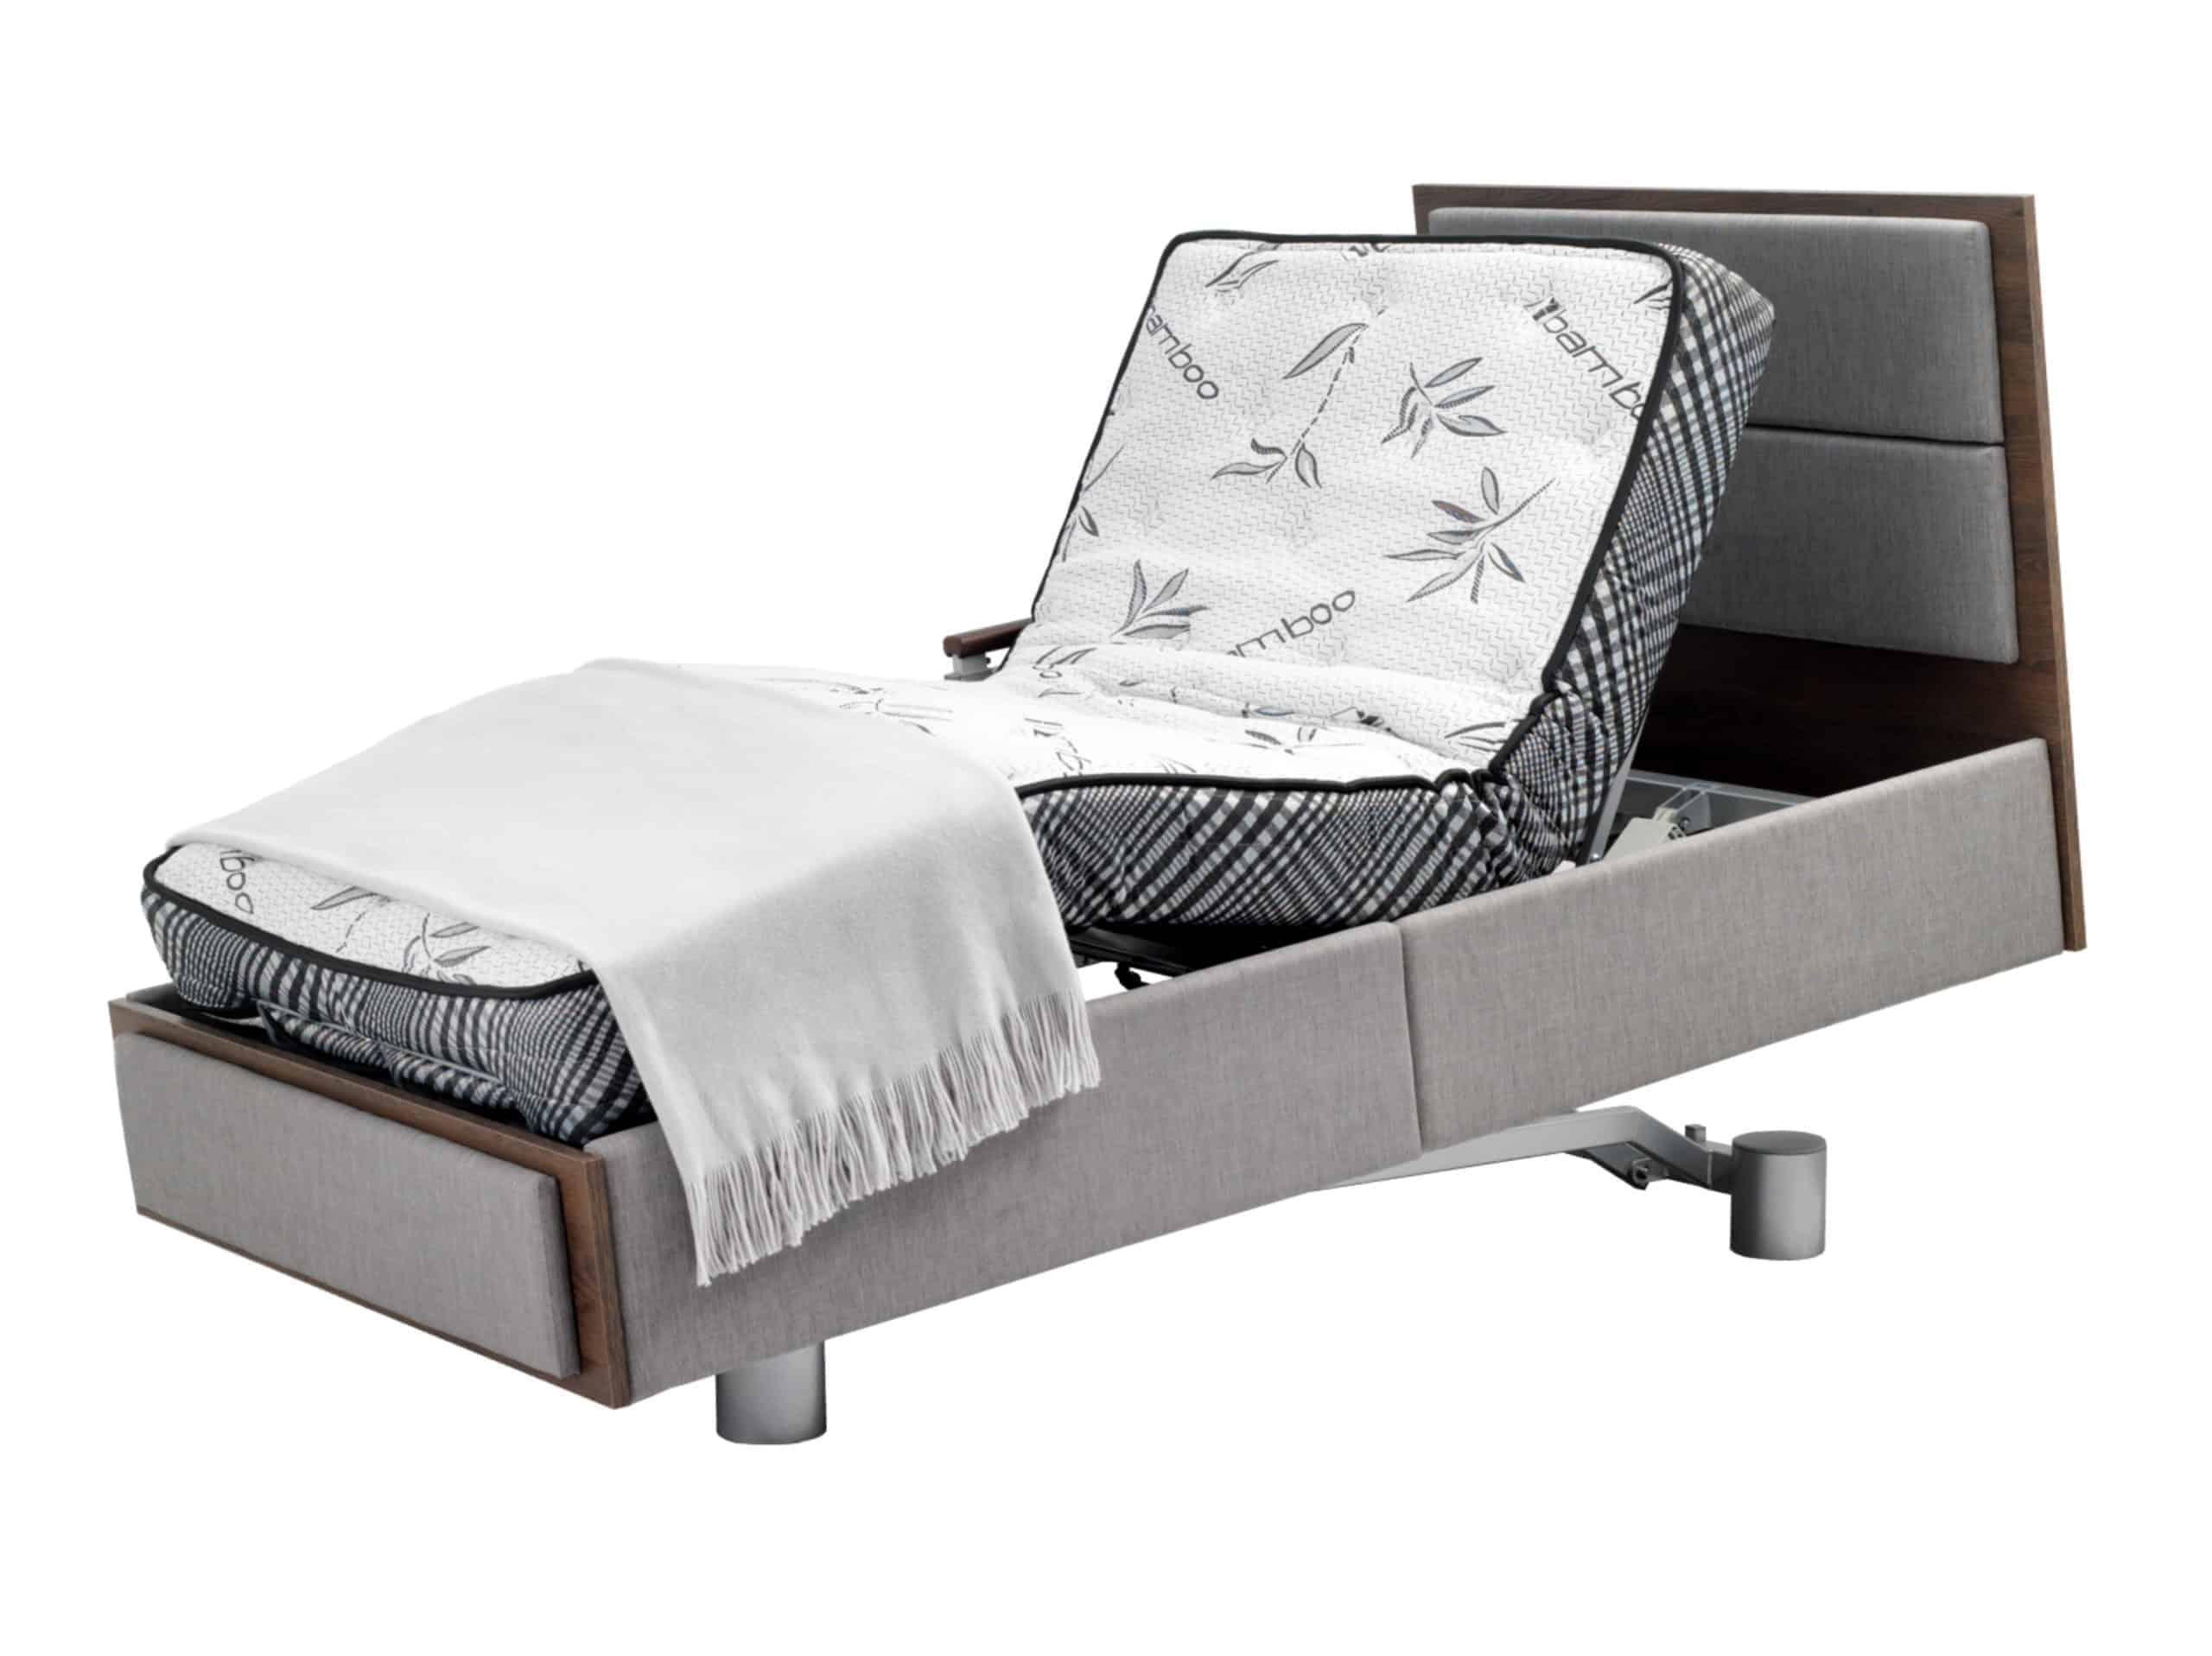 Aura Platinum Luxury Hospital Bed Trend Auto Contour Image